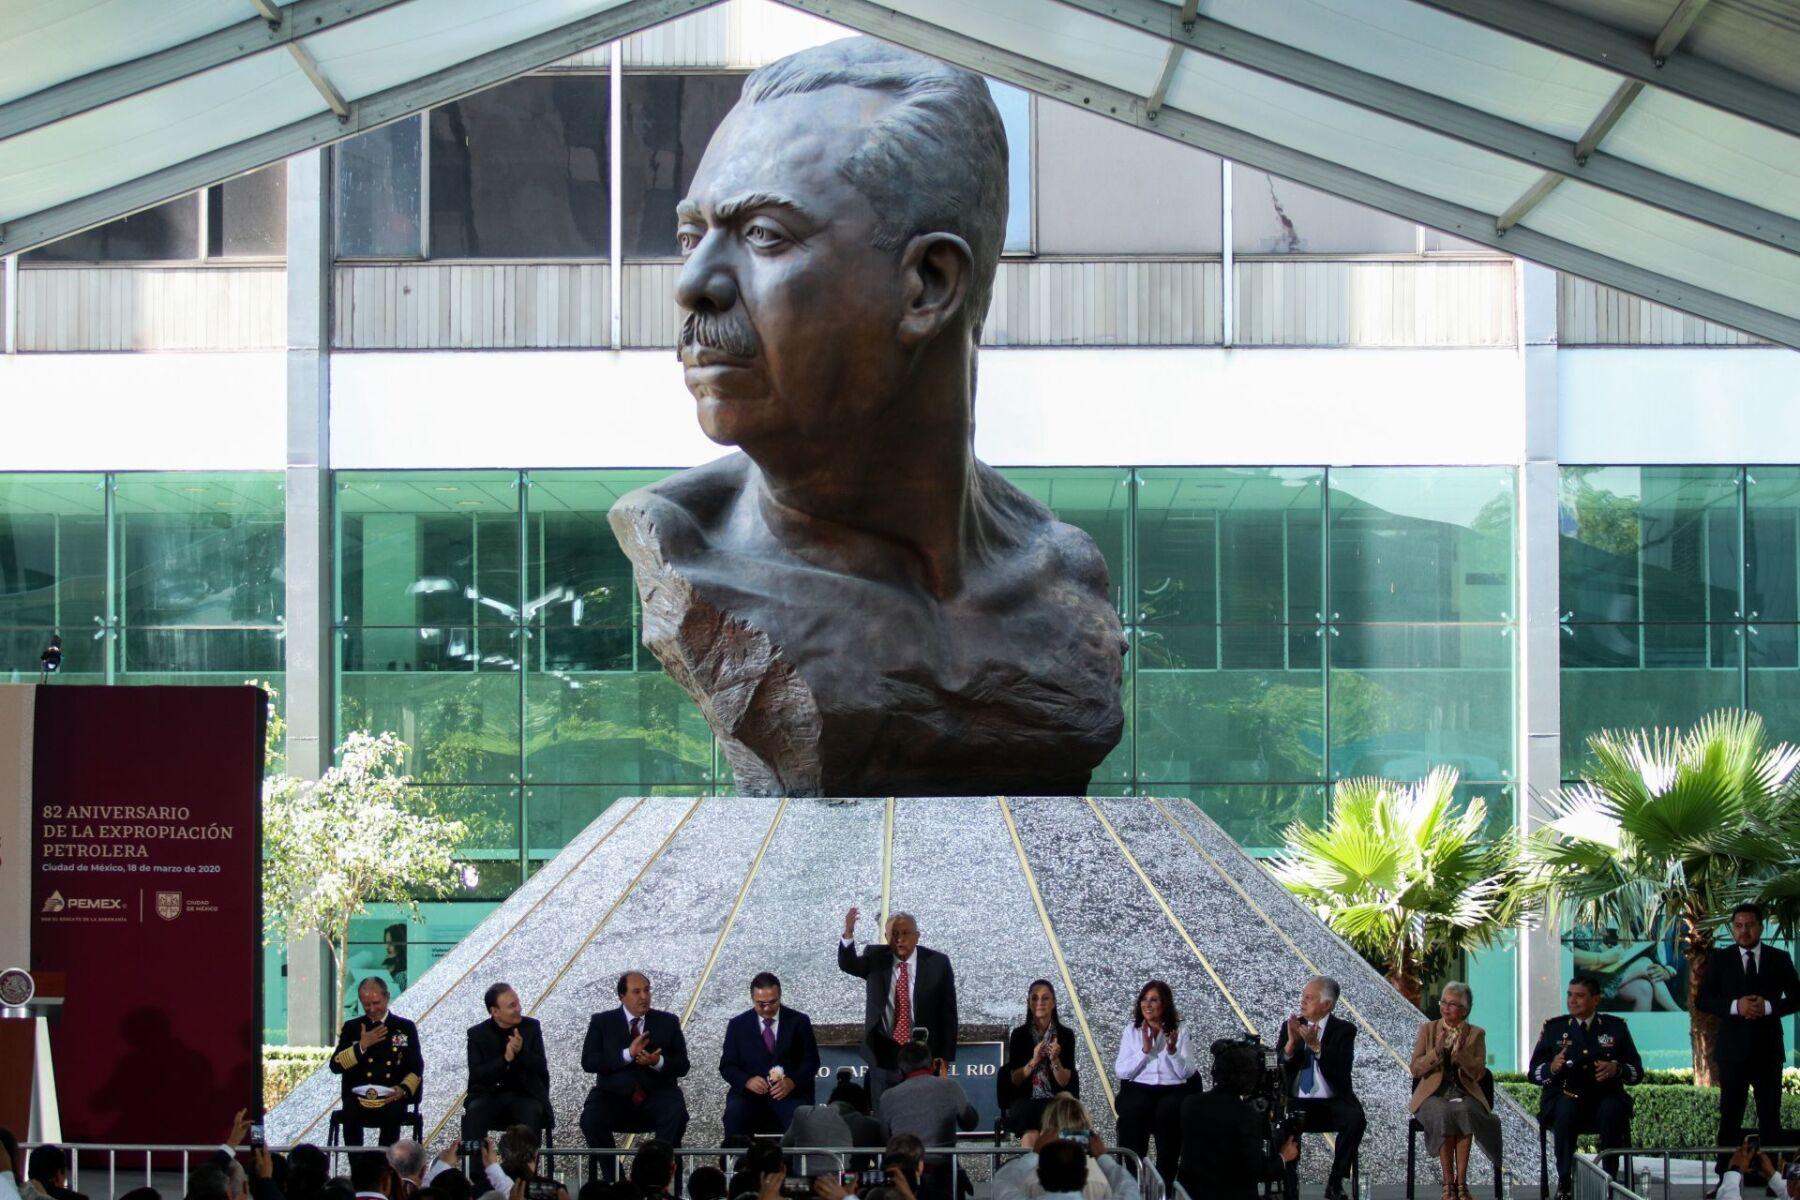 Ceremonia de conmemoración del 82 aniversario de la Expropiación Petrolera.